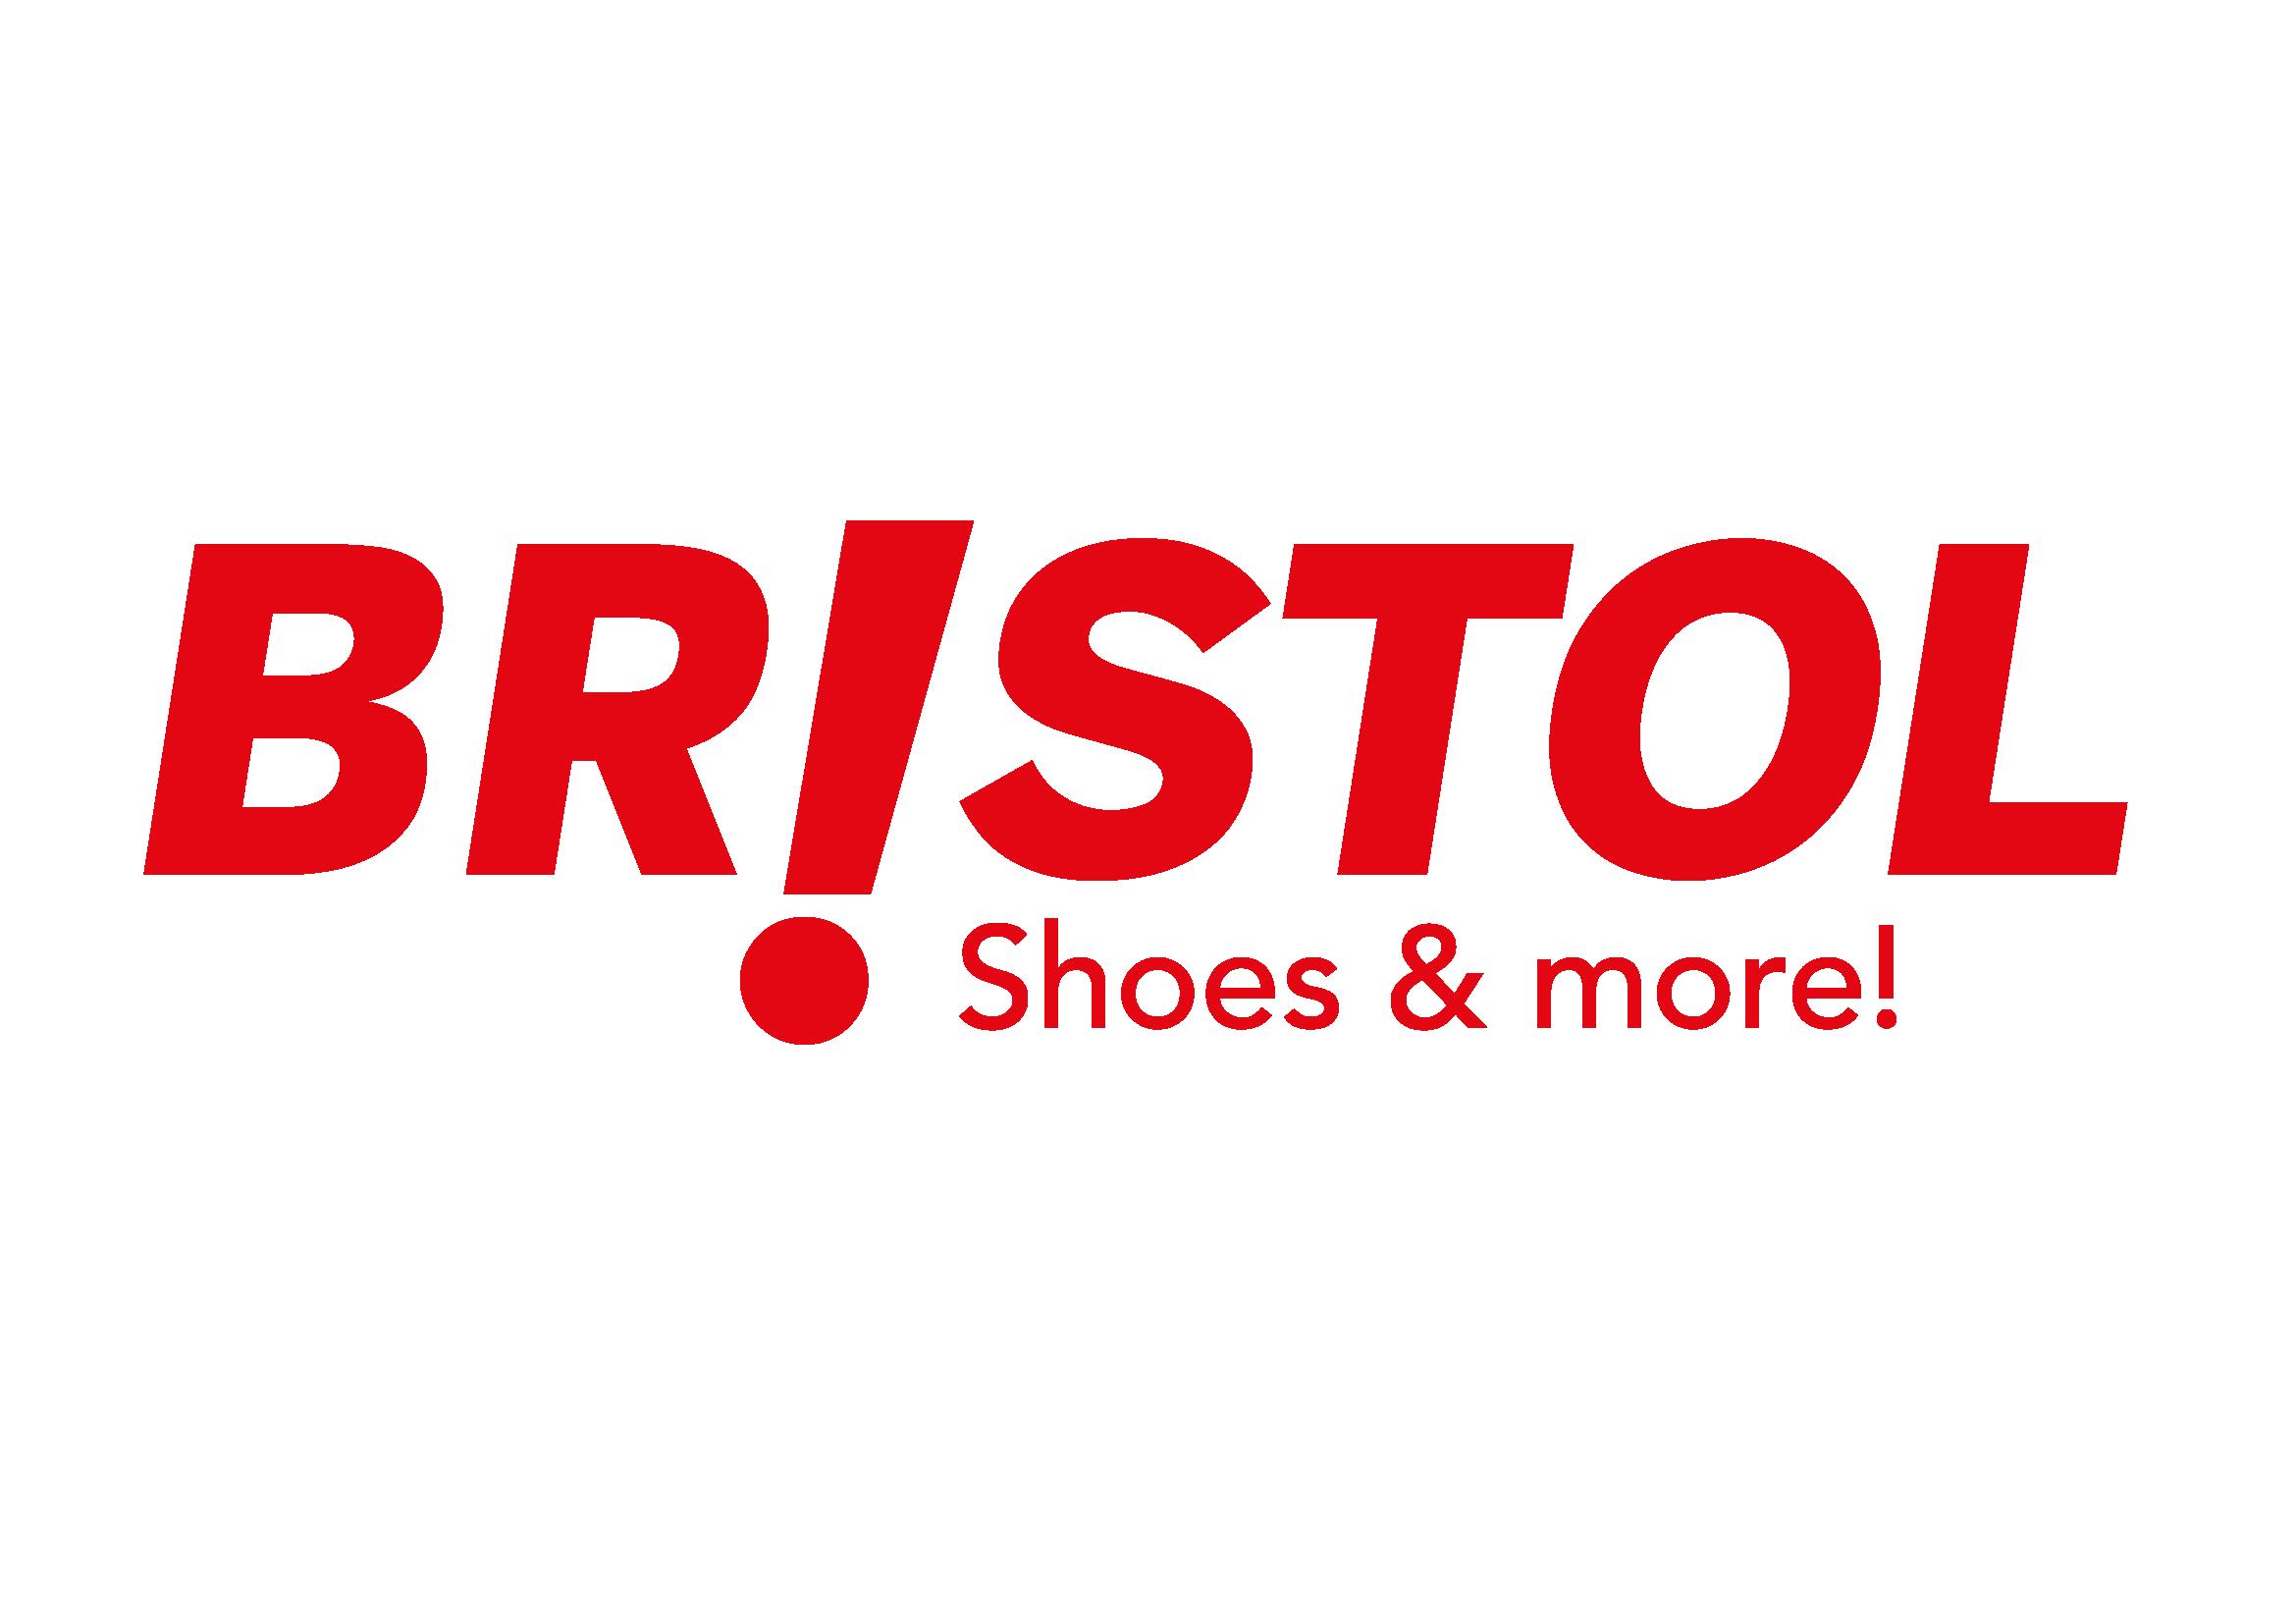 Schoenen, kleren, accessoires en sportgerief. Dat kan je allemaal vinden bij Bristol.